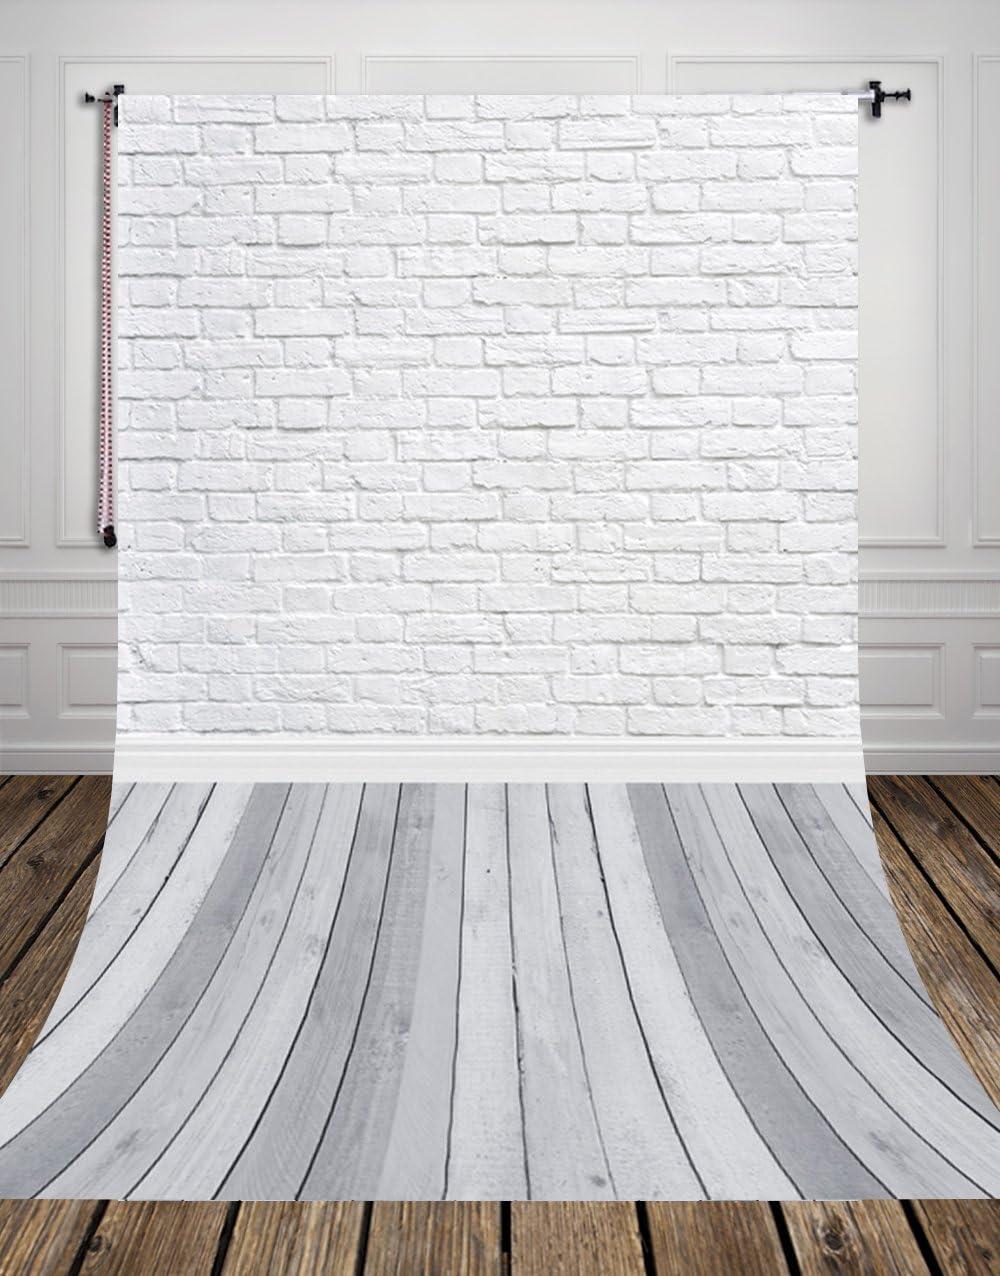 De Nivius Photo 150x220cm Grau Holzboden Studio Foto Hintergrund Kulisse Aus Dünnem Vinyl Weiß Ziegel Für